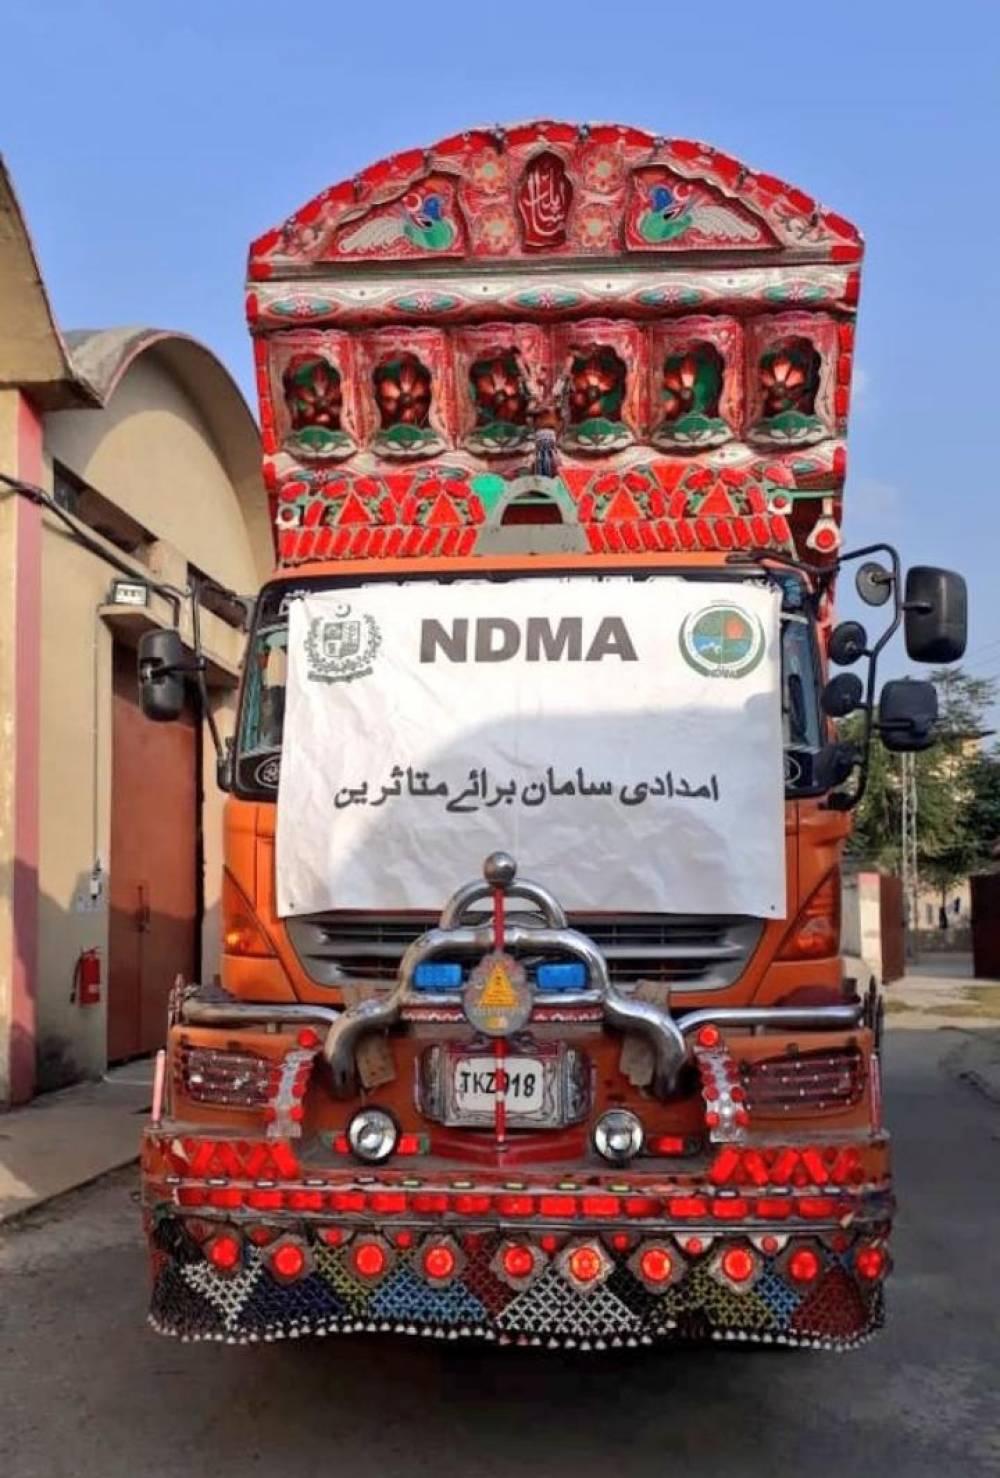 این ڈی ایم اے کی جانب سے ہرناٸ، بلوچستان کے زلزلہ متاثرین کے لیے امدادی سامان کی ایک اور کھیپ روانہ